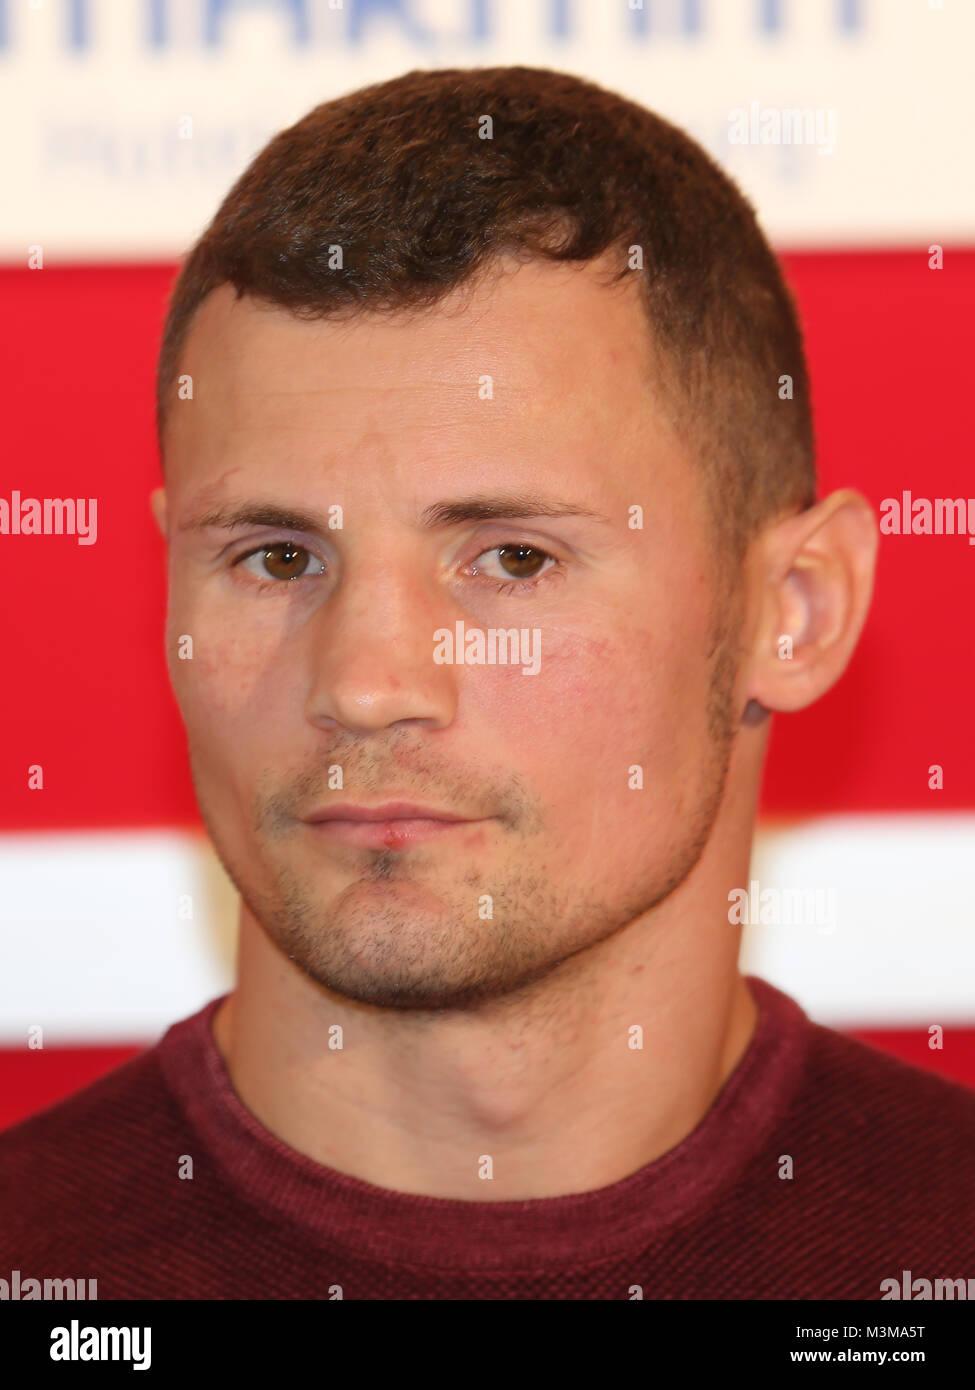 Halb-Schwergewichtsboxer  Robert Stieglitz (SES Boxing während der Pressekonferenz zum Europameisterschaftskampf - Stock Image